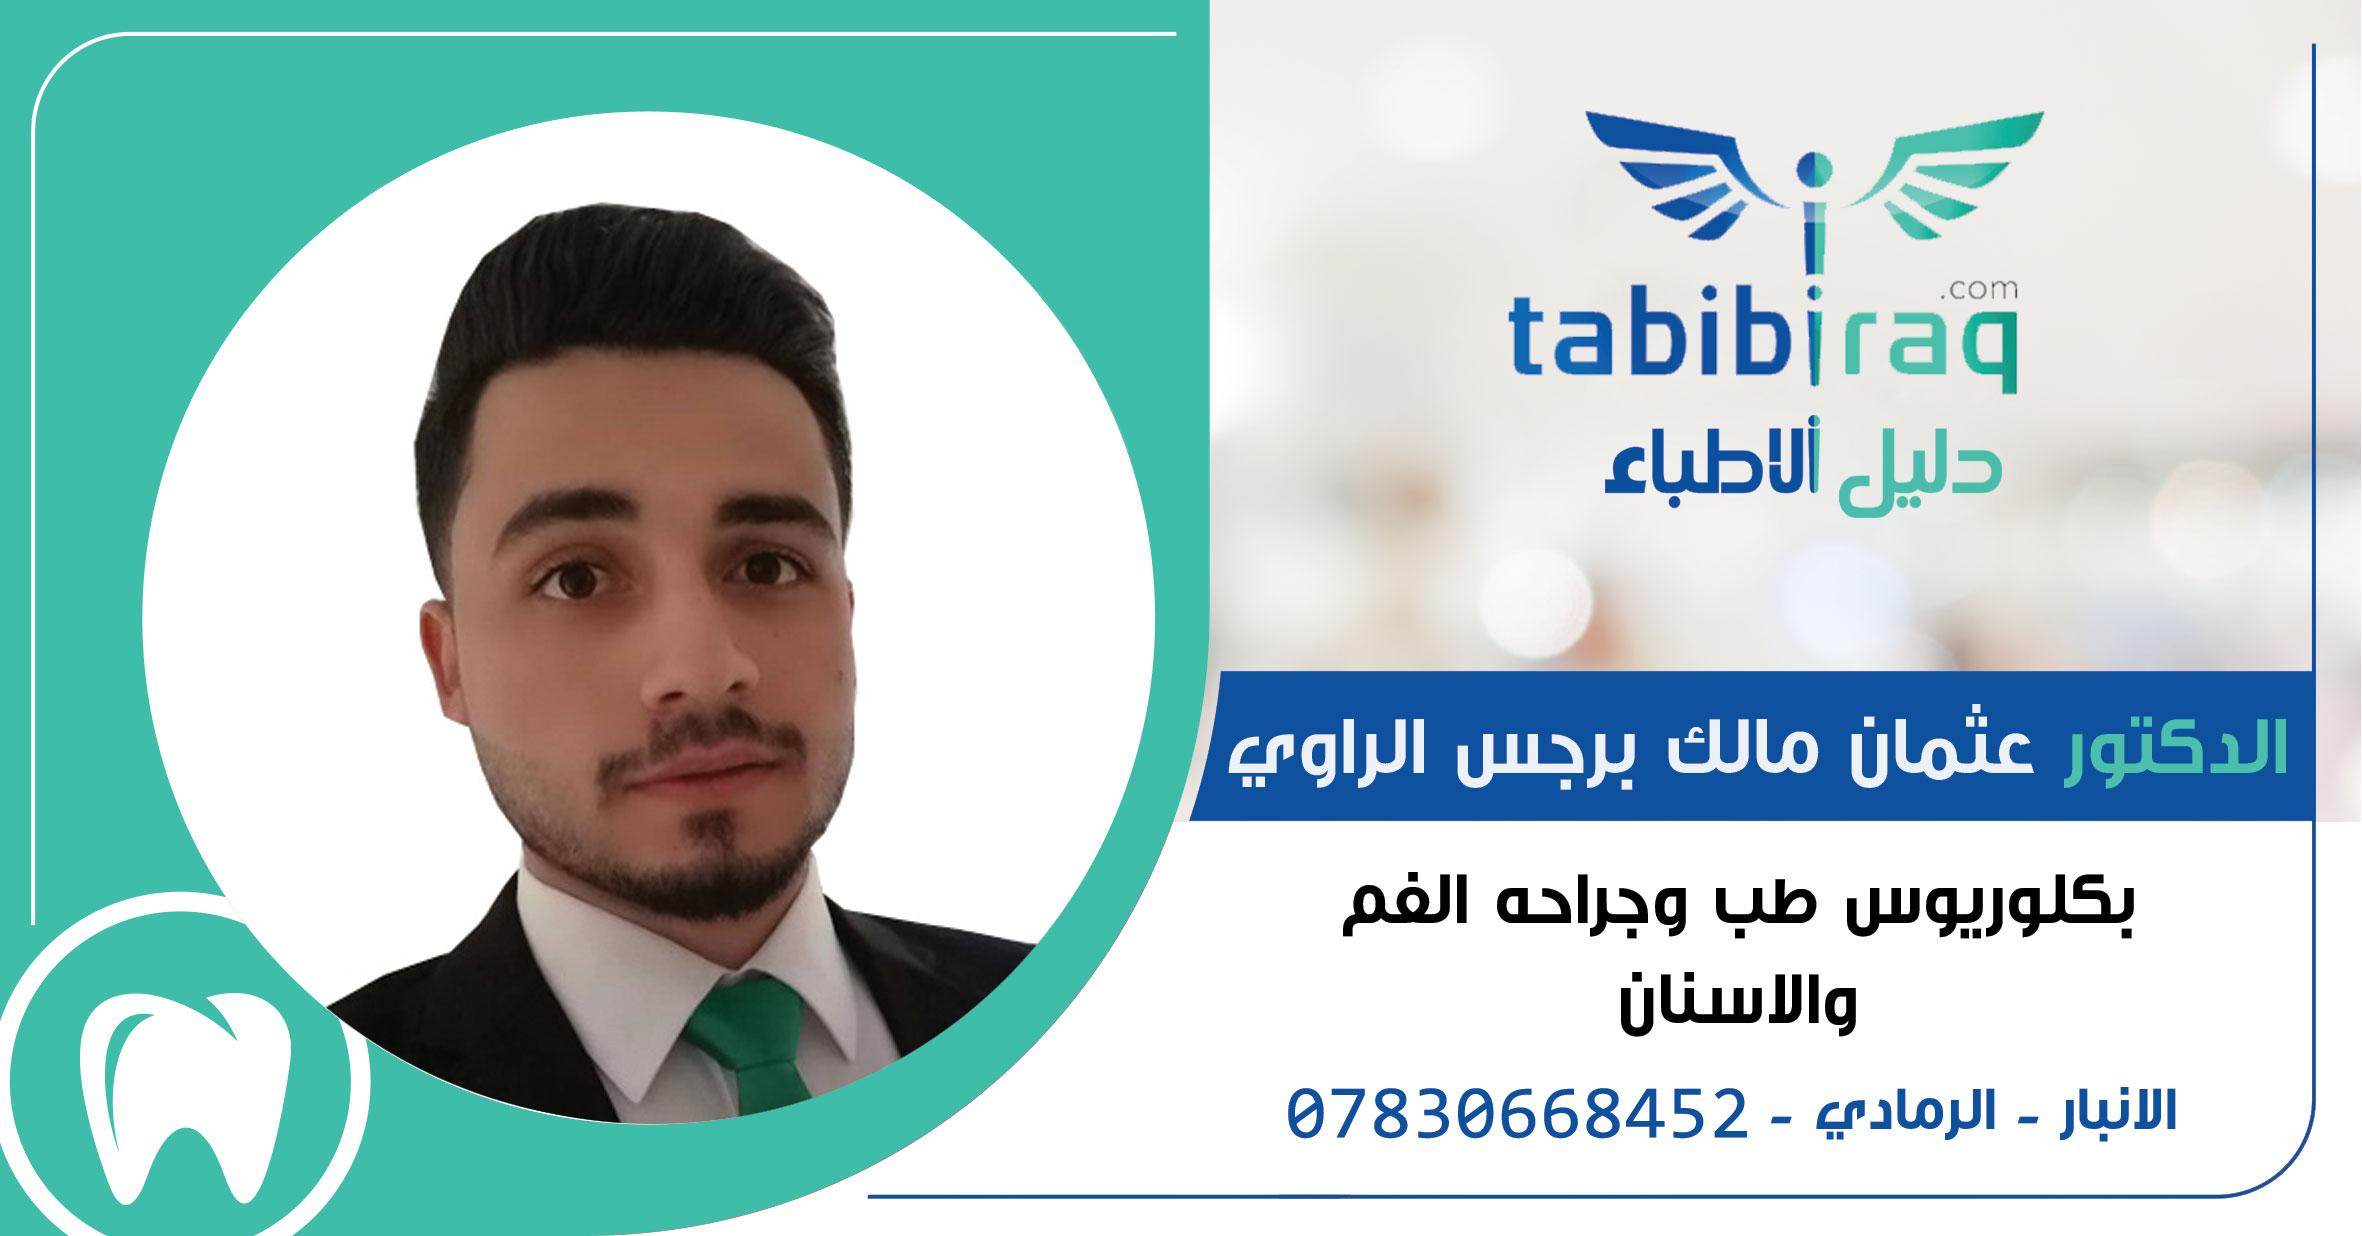 الدكتور عثمان مالك برجس الراوي